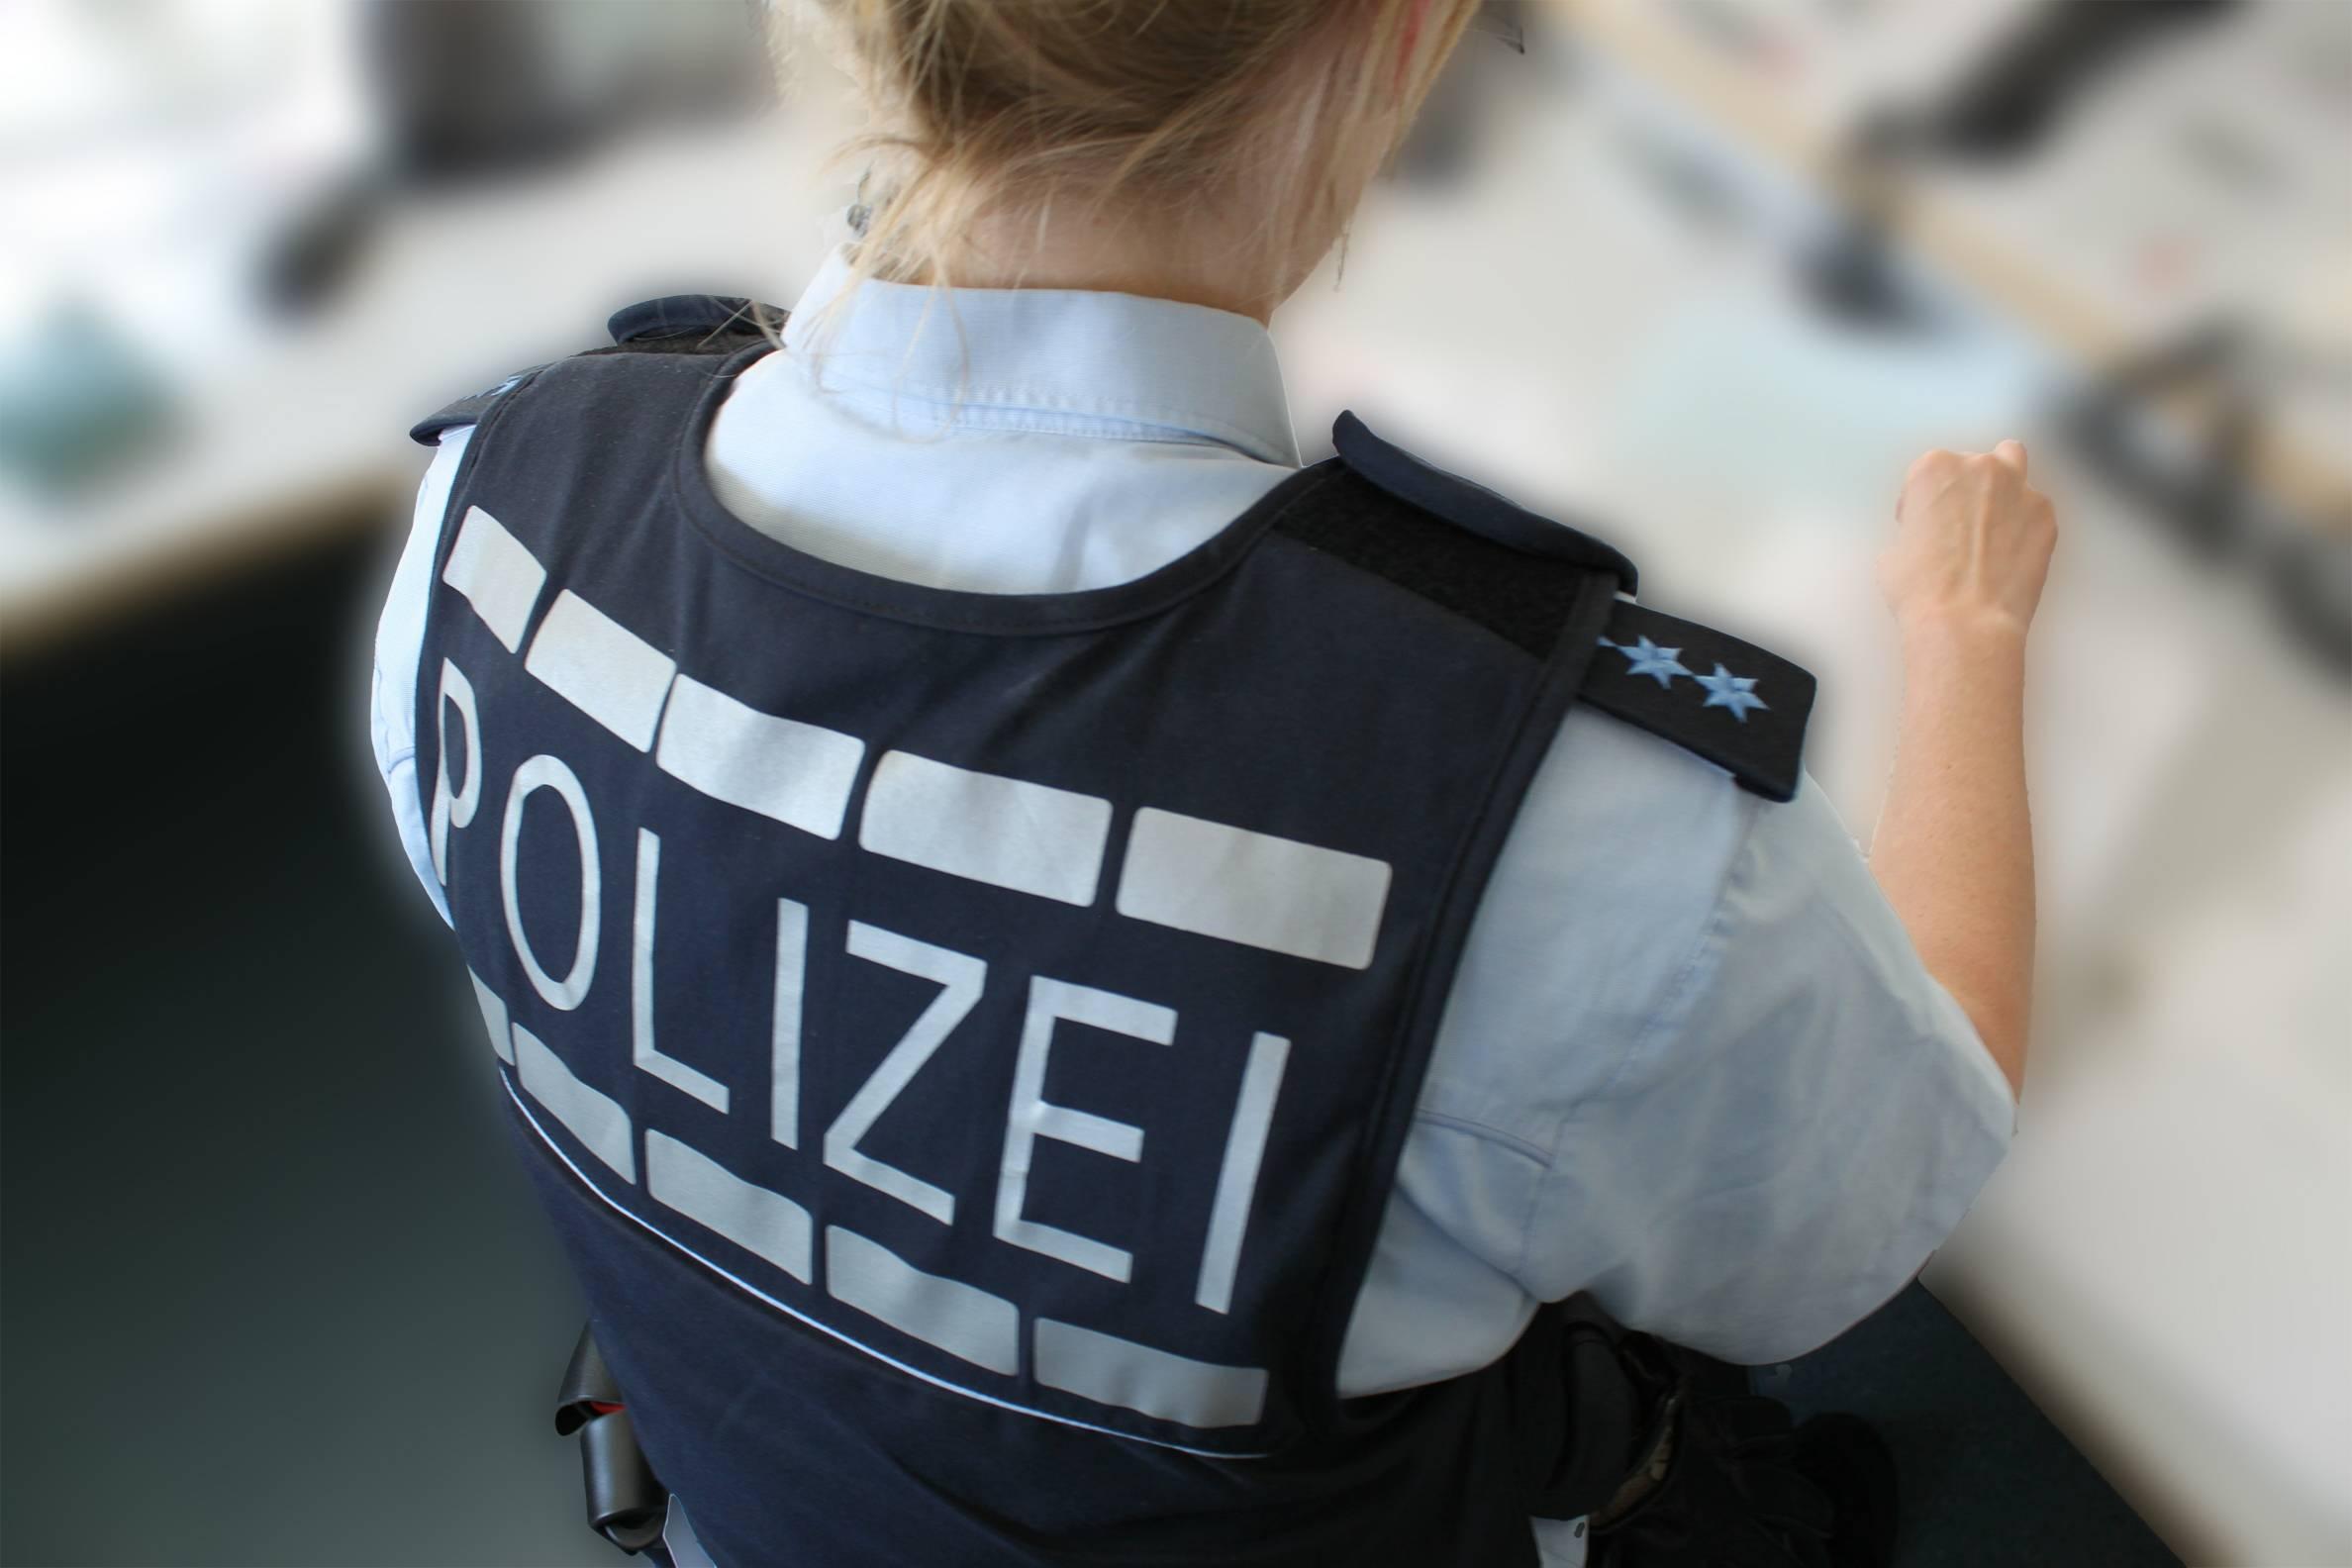 Rechtsanwaltskanzlei Wirtschaftsstrafrecht Polizei Durchsuchung